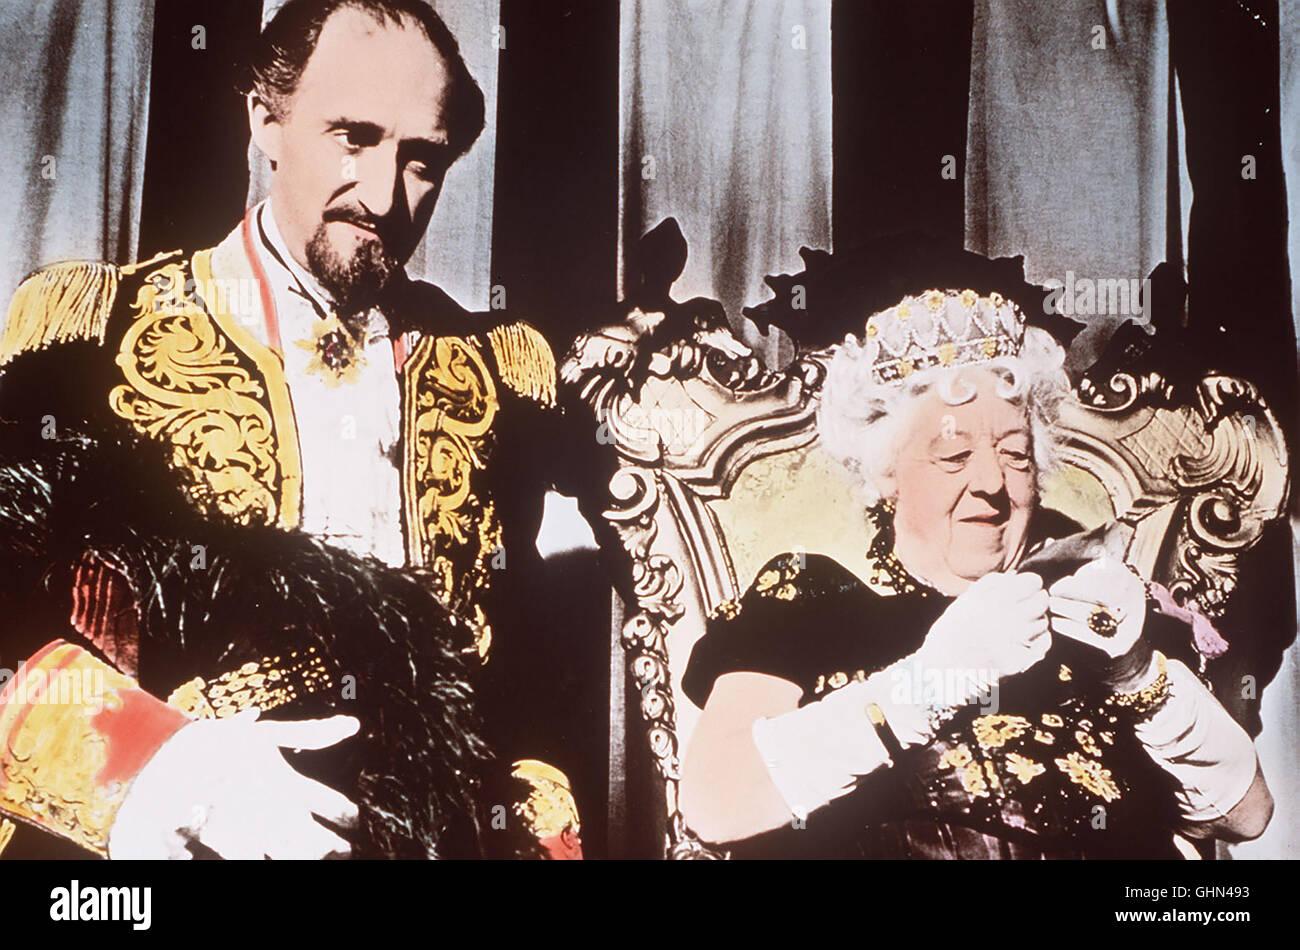 Gloriana XIII aus Groß-Fenwick (MARGARET RUTHERFORD) und ihr Premierminister Mountjoy (RON MOODY) haben sich - Stock Image